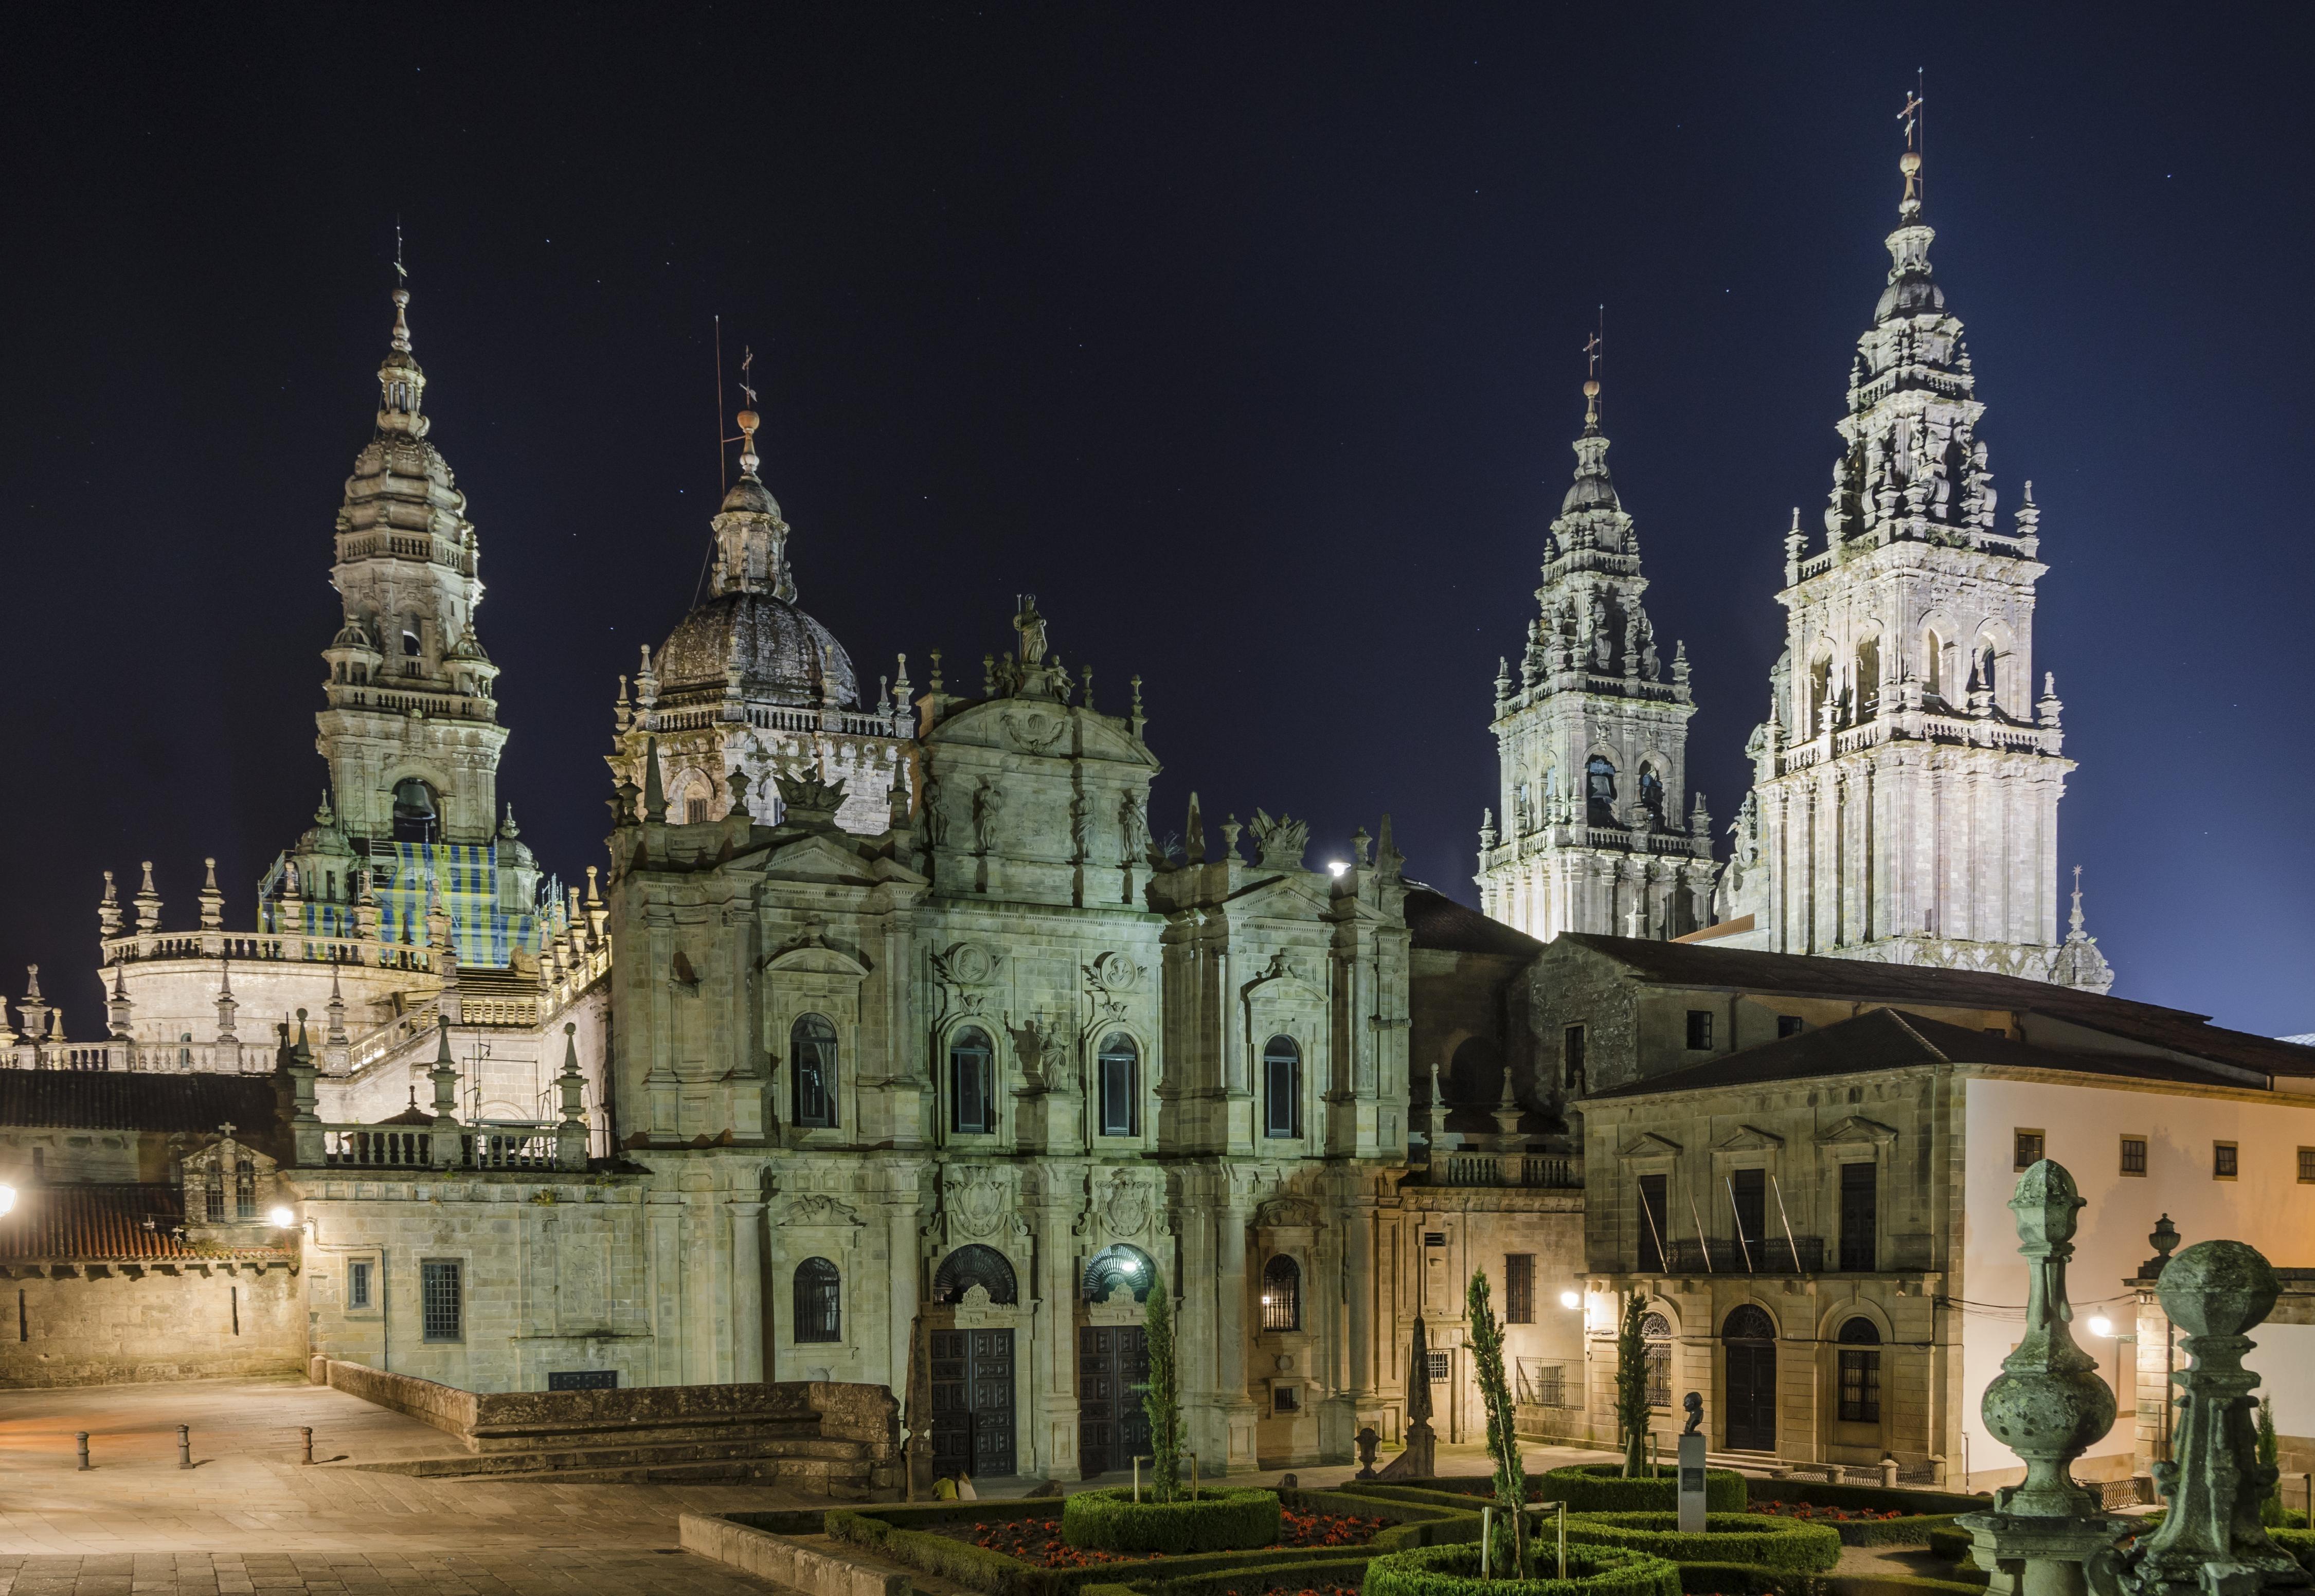 How to Spend 2 Days in Santiago de Compostela